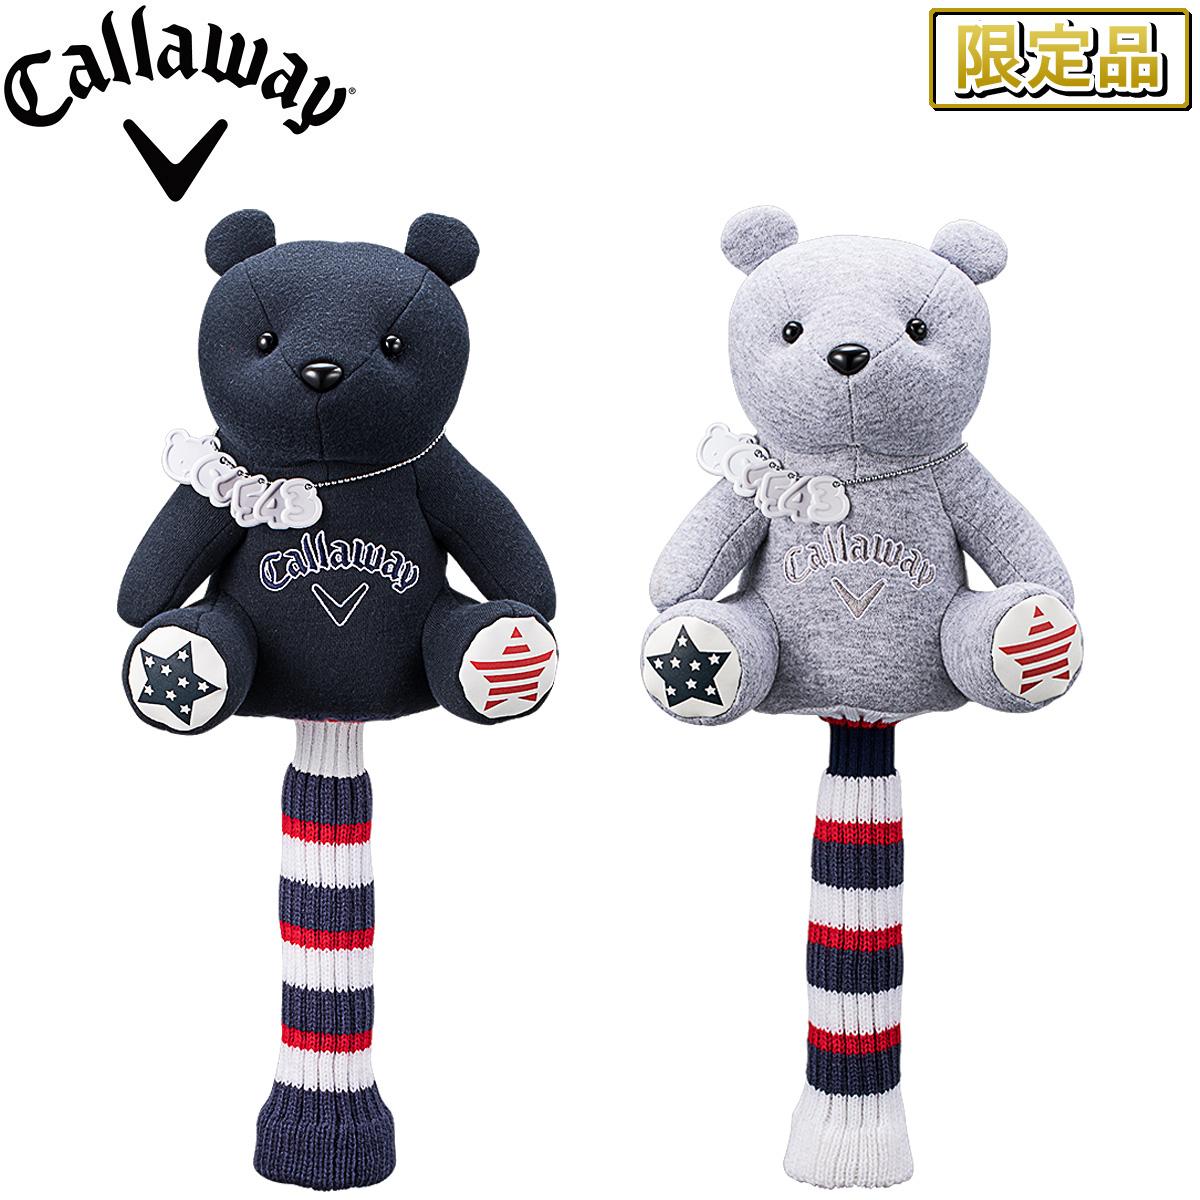 即納 限定品 Callaway キャロウェイ 日本正規品 Bear Fairway Headcover SS フェアウェイウッド用ヘッドカバー JM [並行輸入品] 注文後の変更キャンセル返品 ヘッドカバー あす楽対応 ベア 2021新製品 フェアウェイ 21